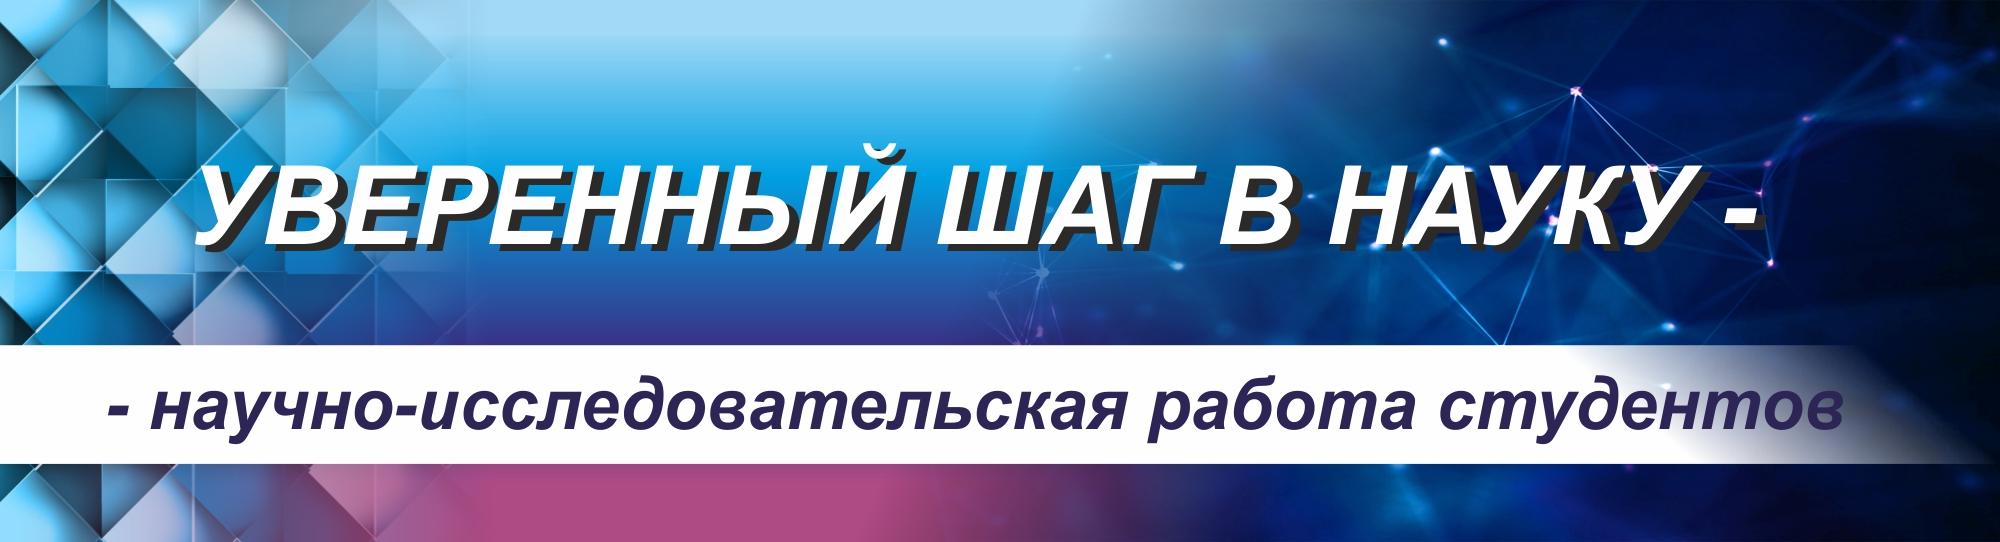 banner-anapa-1